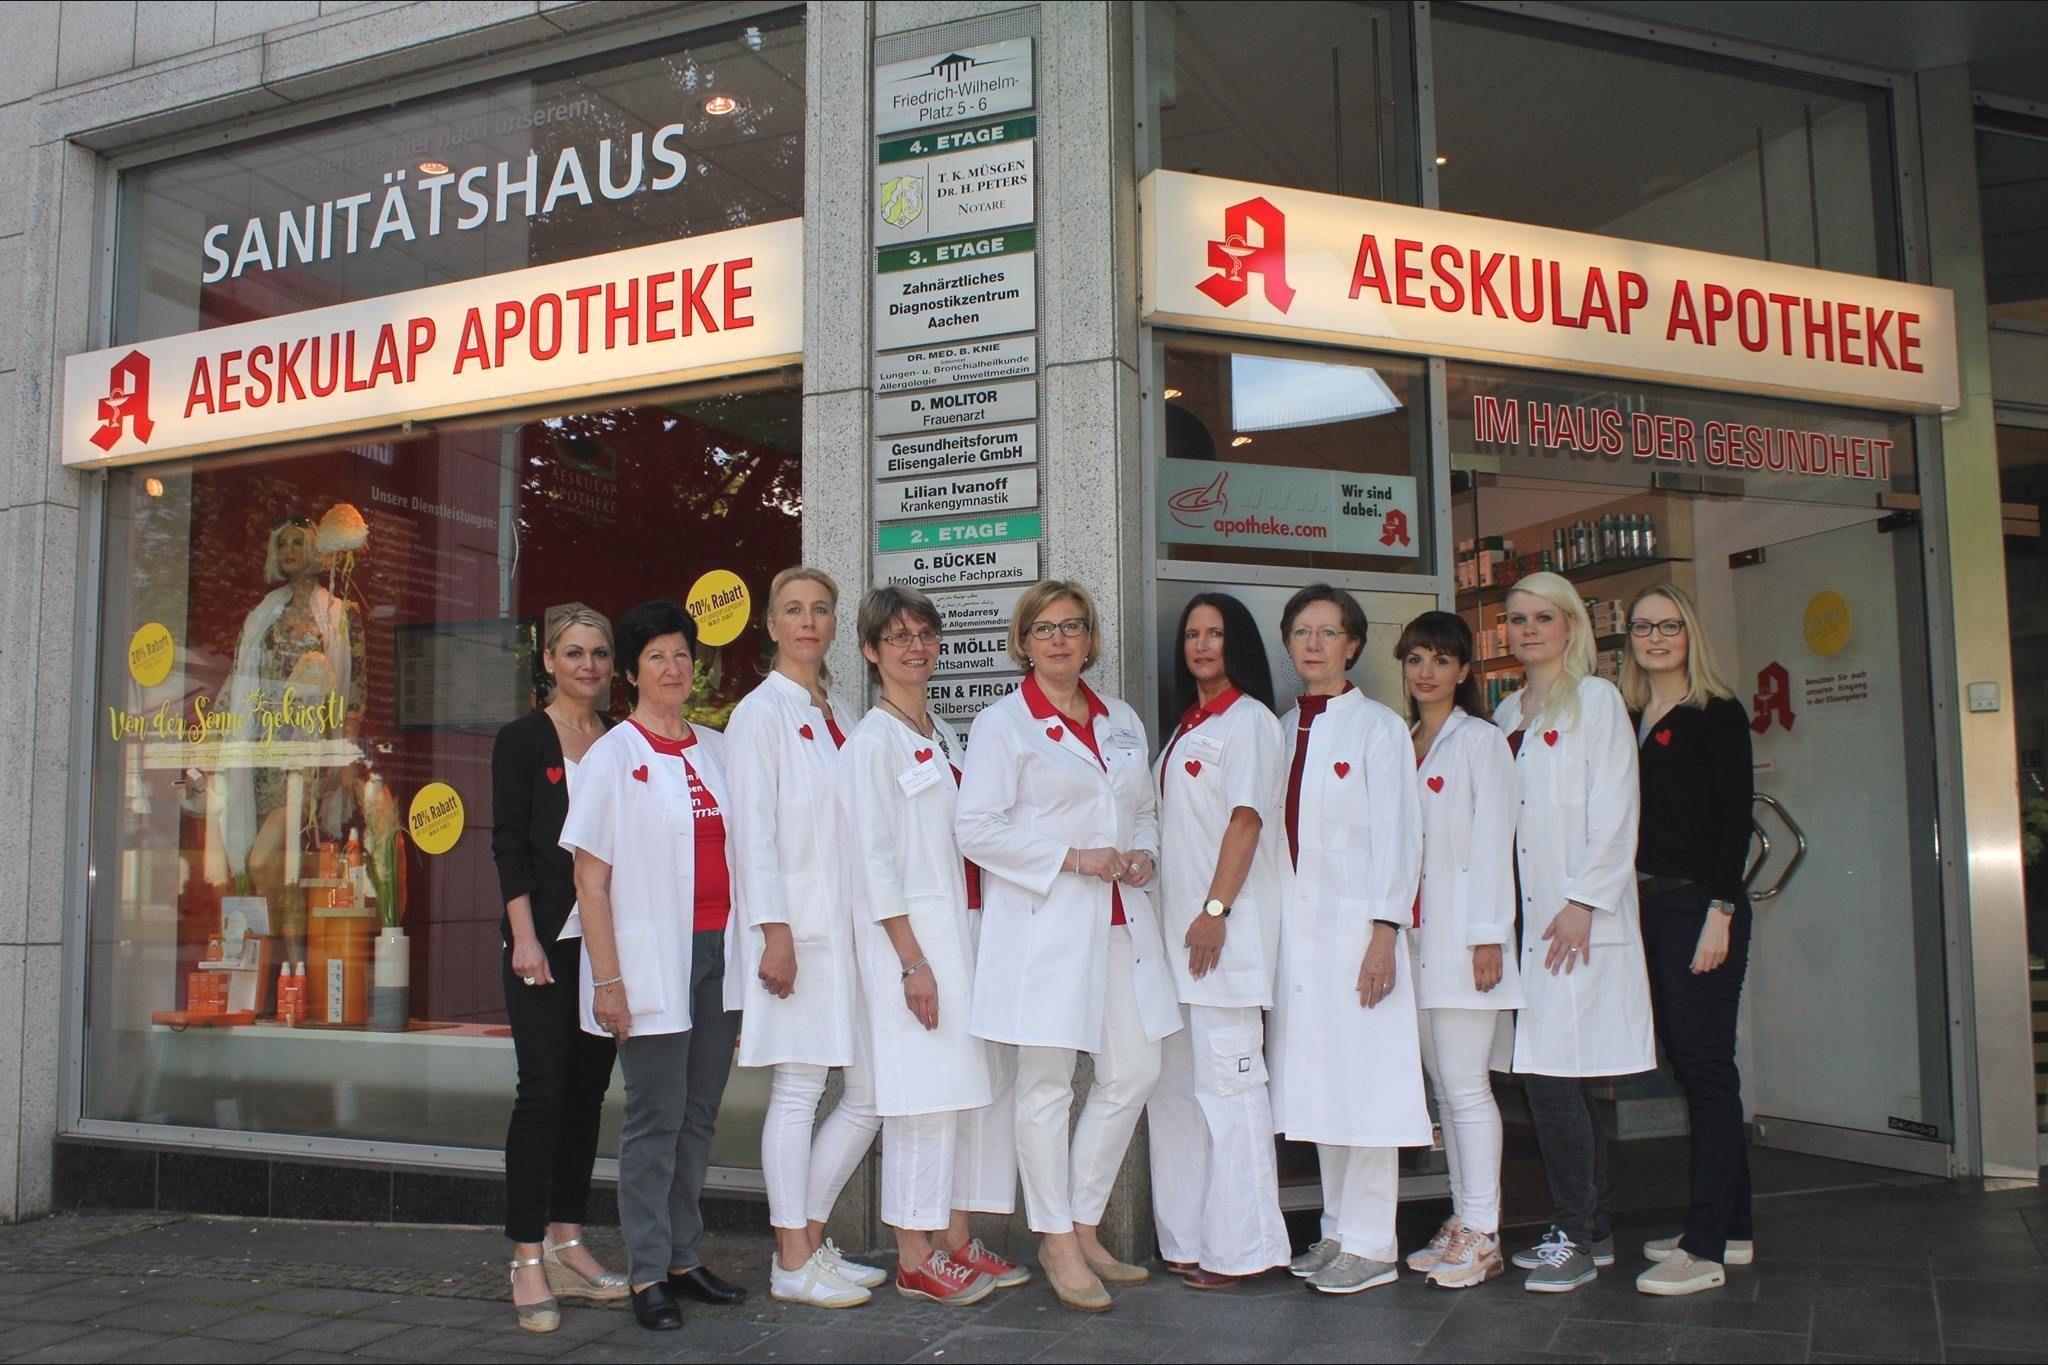 Team der Aeskulap Apotheke